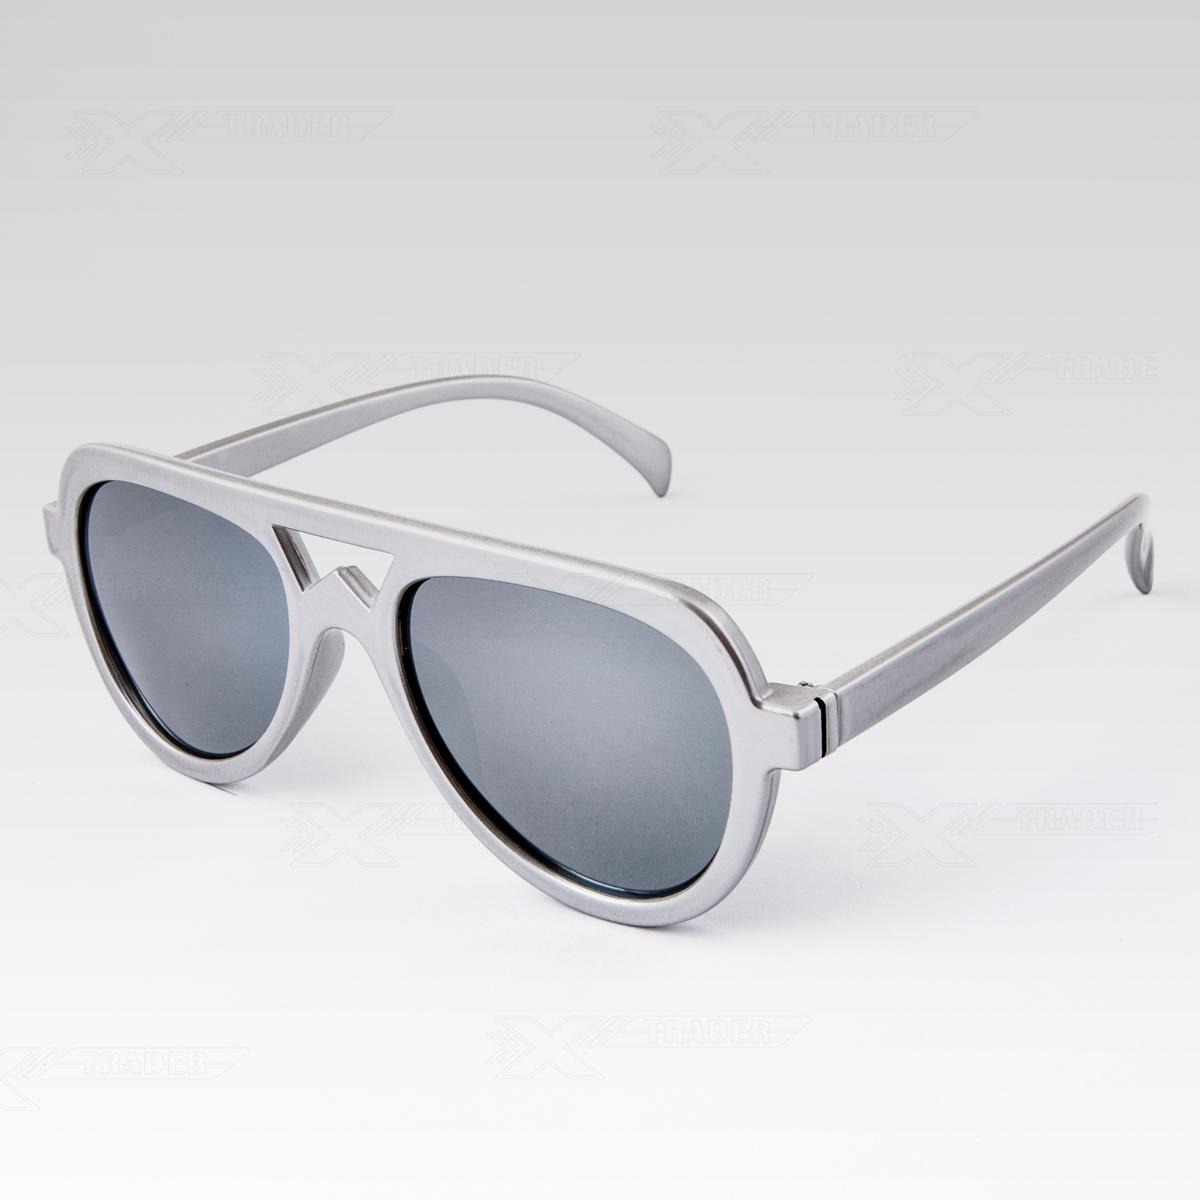 Sluneční brýle Tampa stříbrné